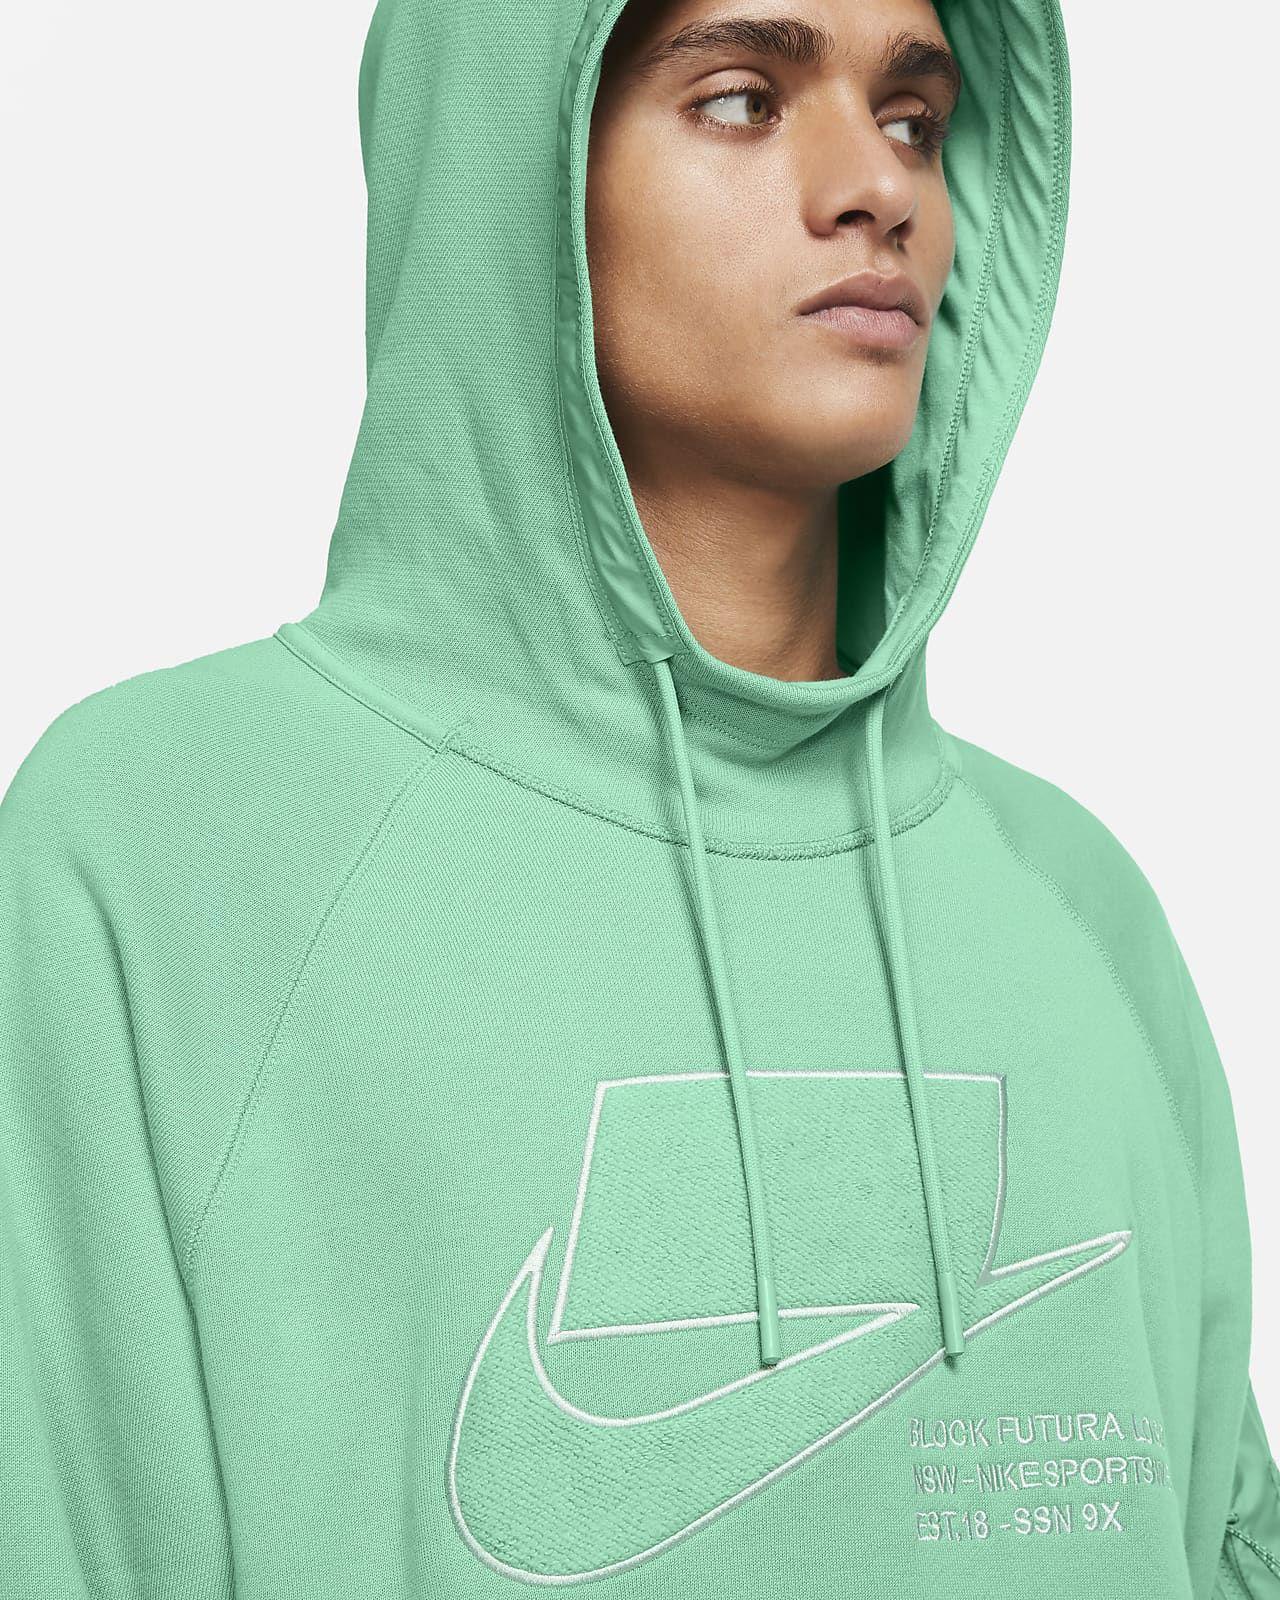 Nike Sportswear Nsw Men S Pullover Hoodie Nike Com Hoodies Men Pullover Hoodies Pullover Hoodie [ 1600 x 1280 Pixel ]